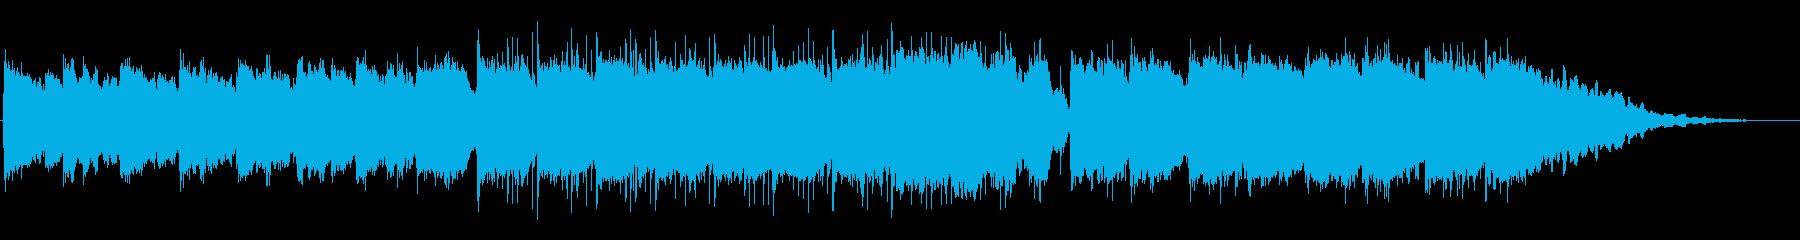 「啓蟄」をイメージした穏やかな曲の再生済みの波形